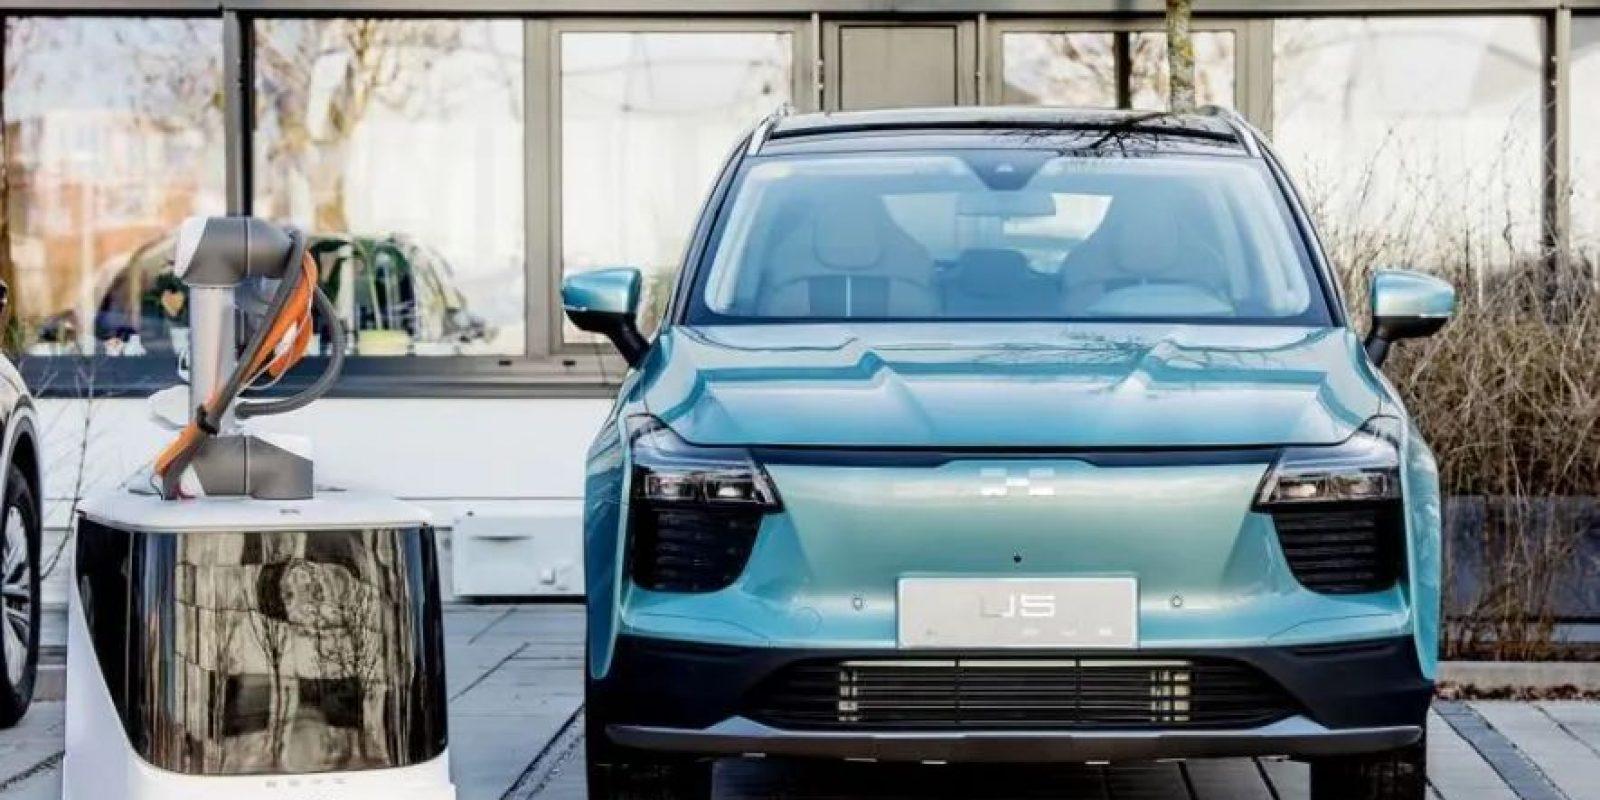 蓝色的汽车 描述已自动生成